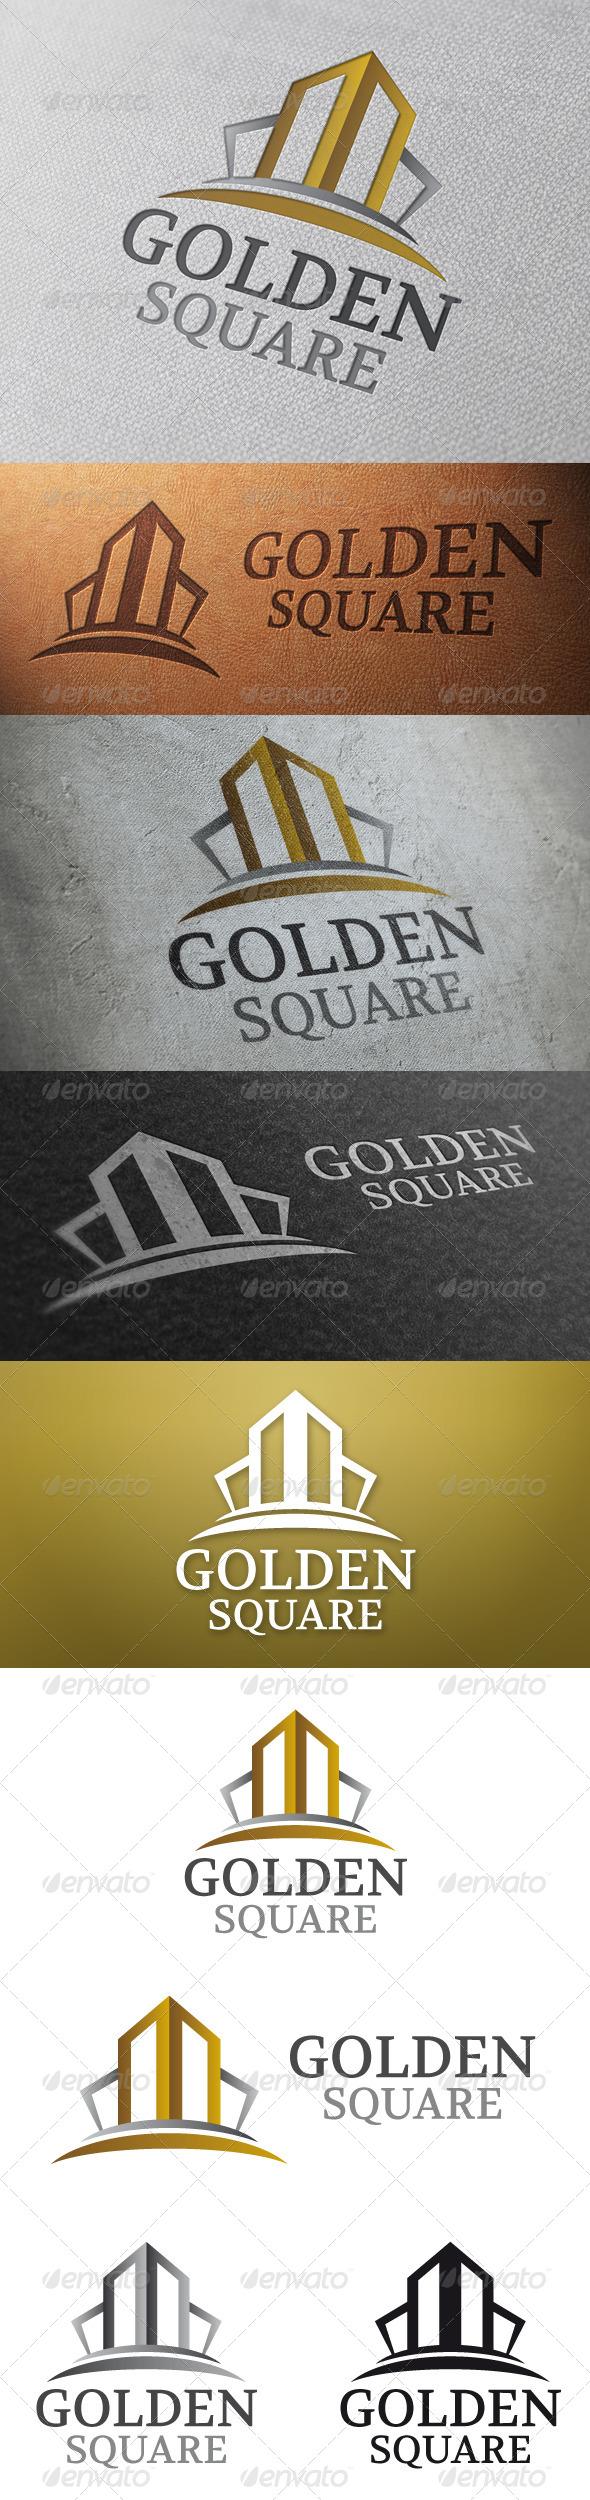 GraphicRiver Golden Square Logo Template 4804419